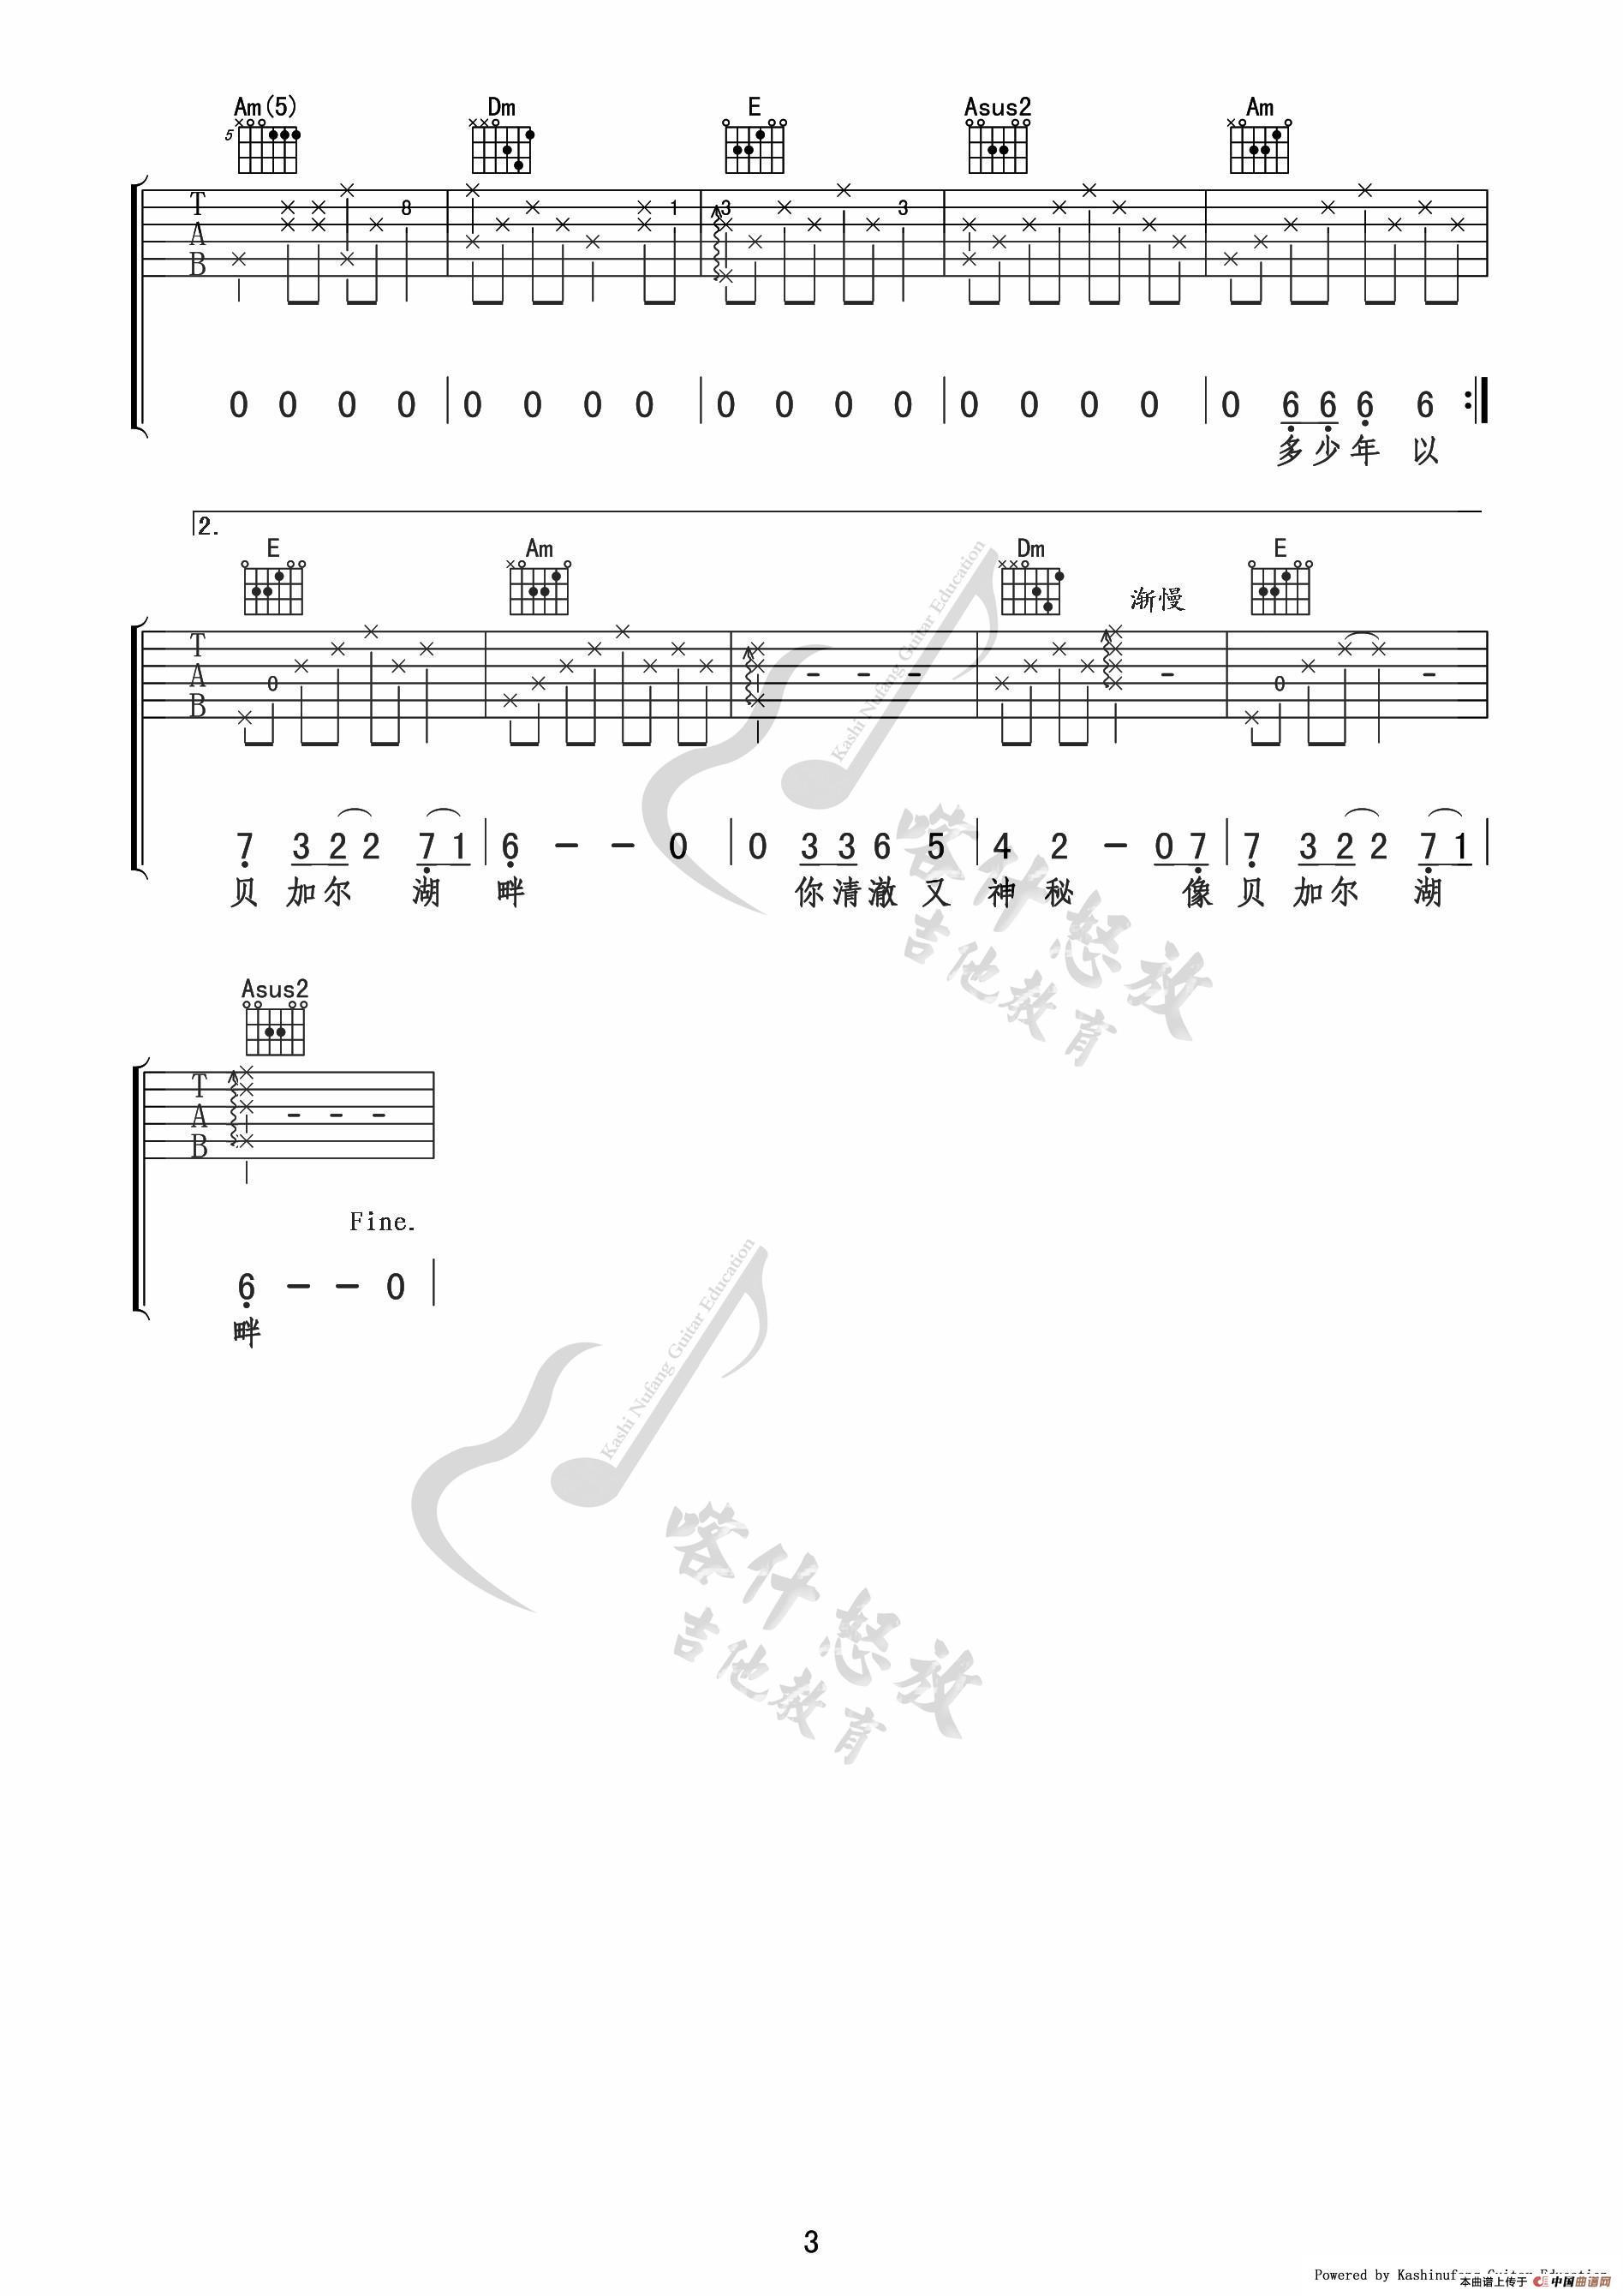 贝加尔湖畔简谱 吉他谱 喀什怒放个人制谱园地 中国曲谱网